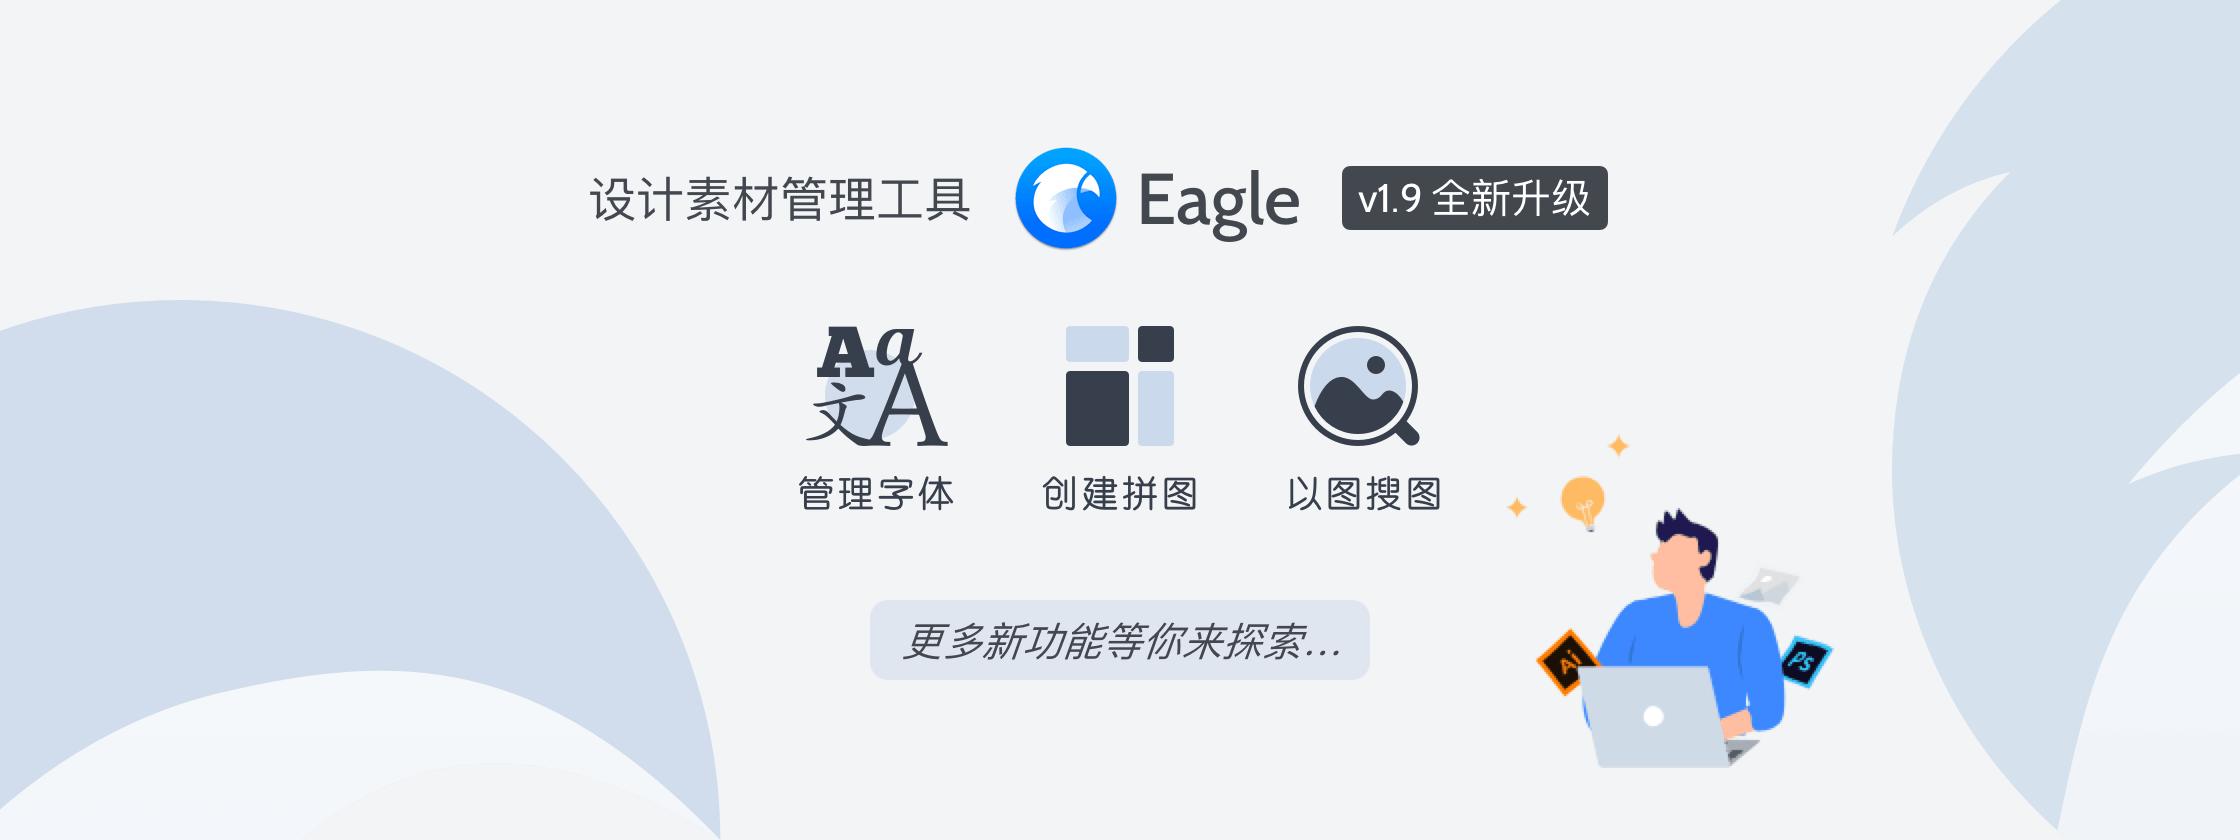 Eagle 1.9 新增字体管理功能,离全能设计素材管理工具更近一步